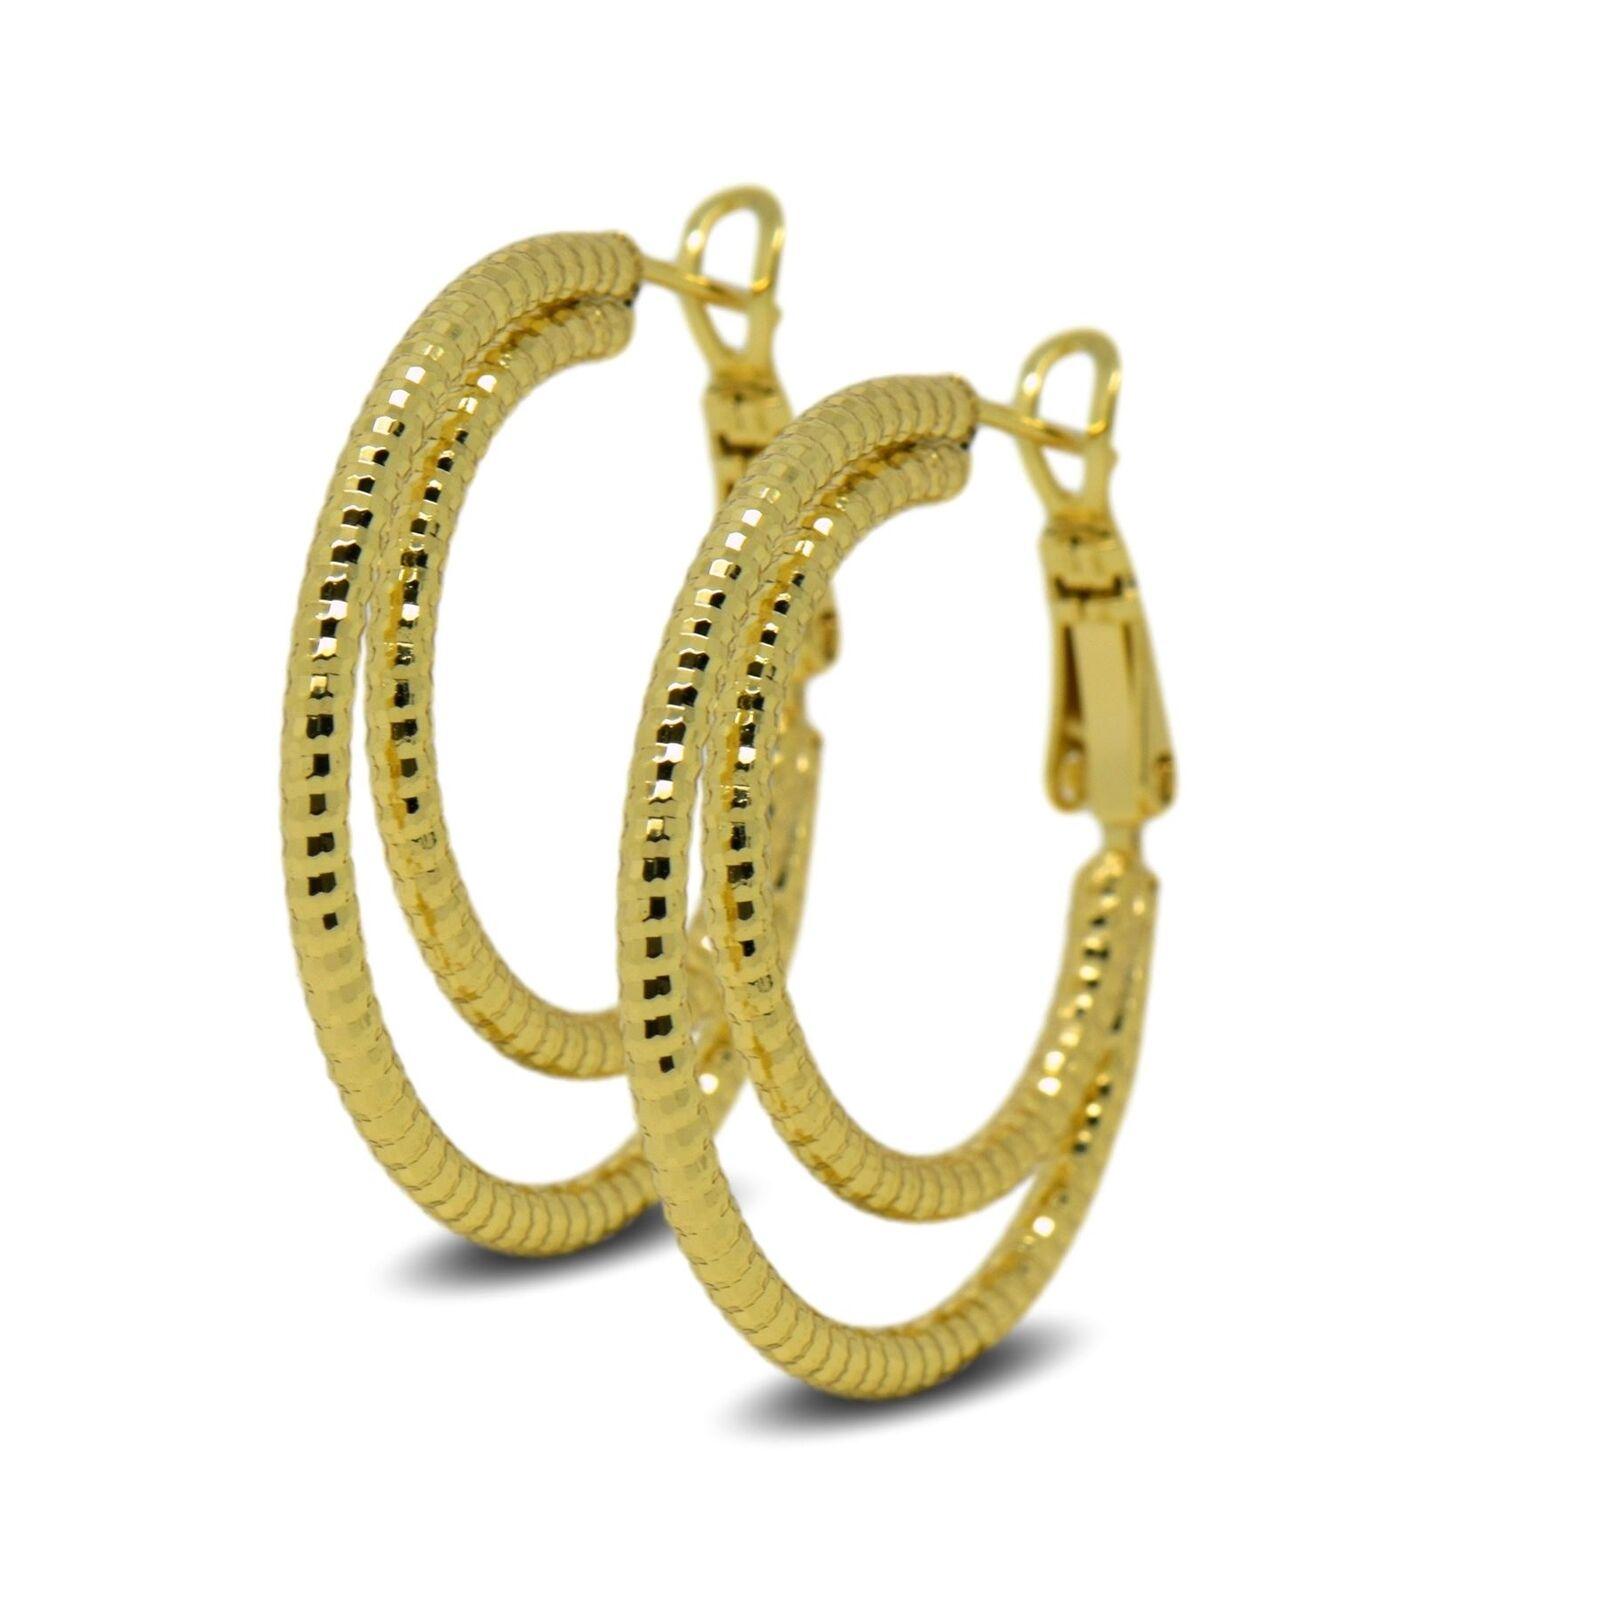 dd14f5ec04ac72 9ct Gold Filled Womens Double Spiral Hoop Earrings 9K 30mm